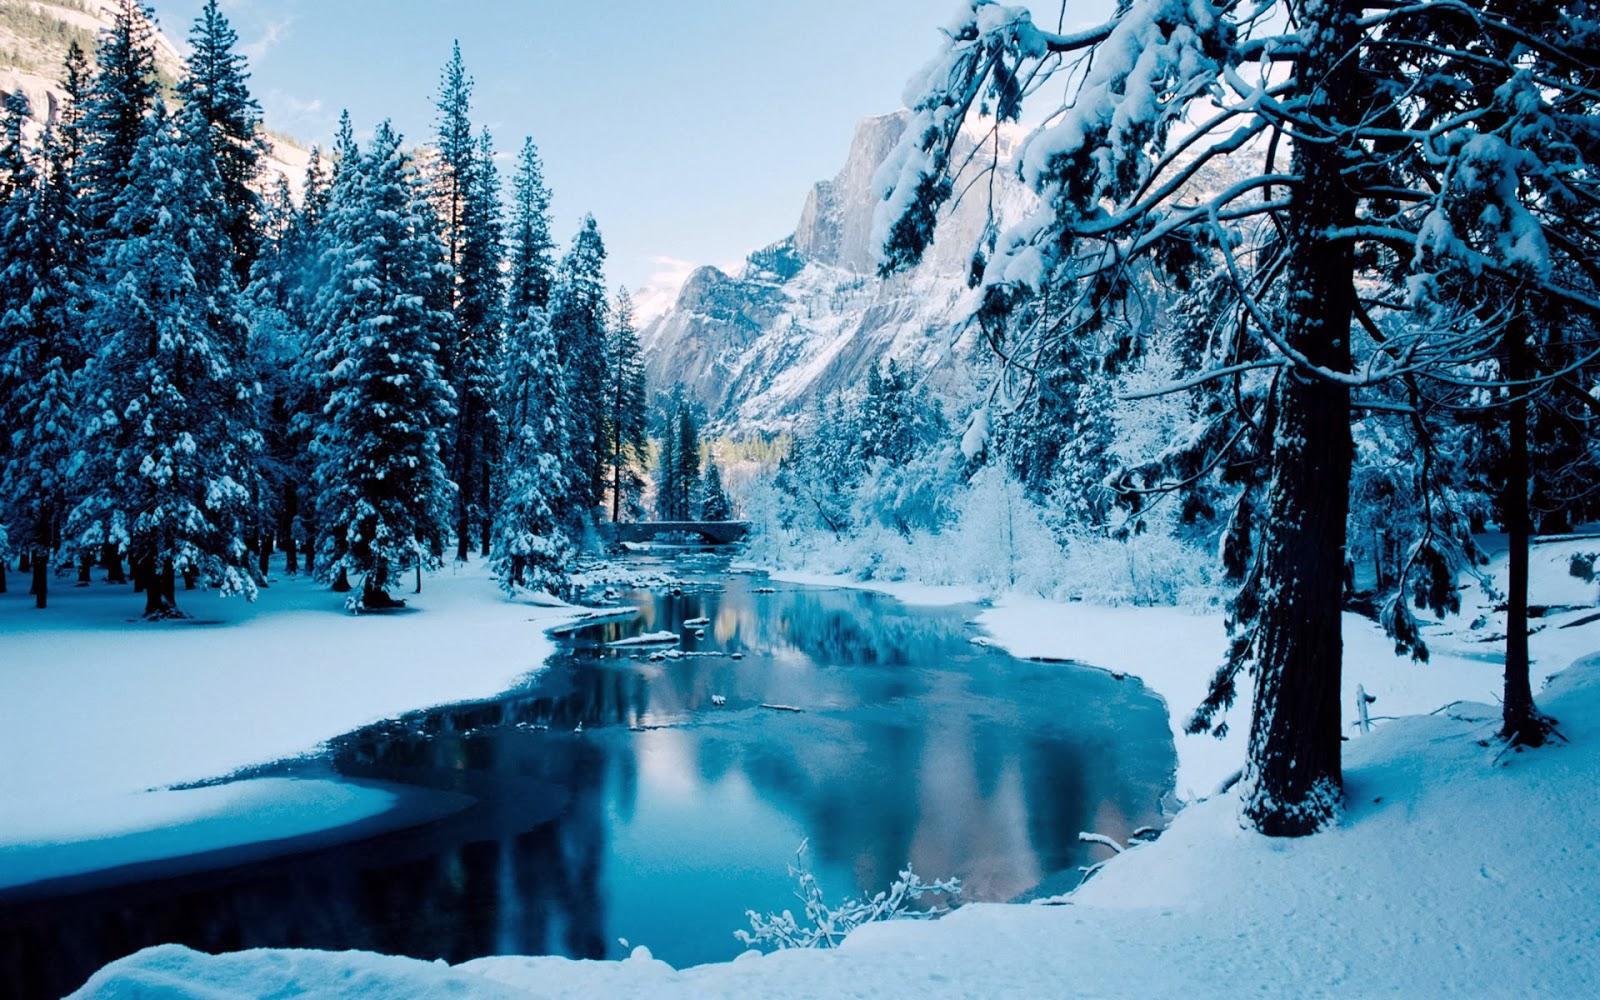 Winter Scenes Wallpapers Backgrounds 1600x1000